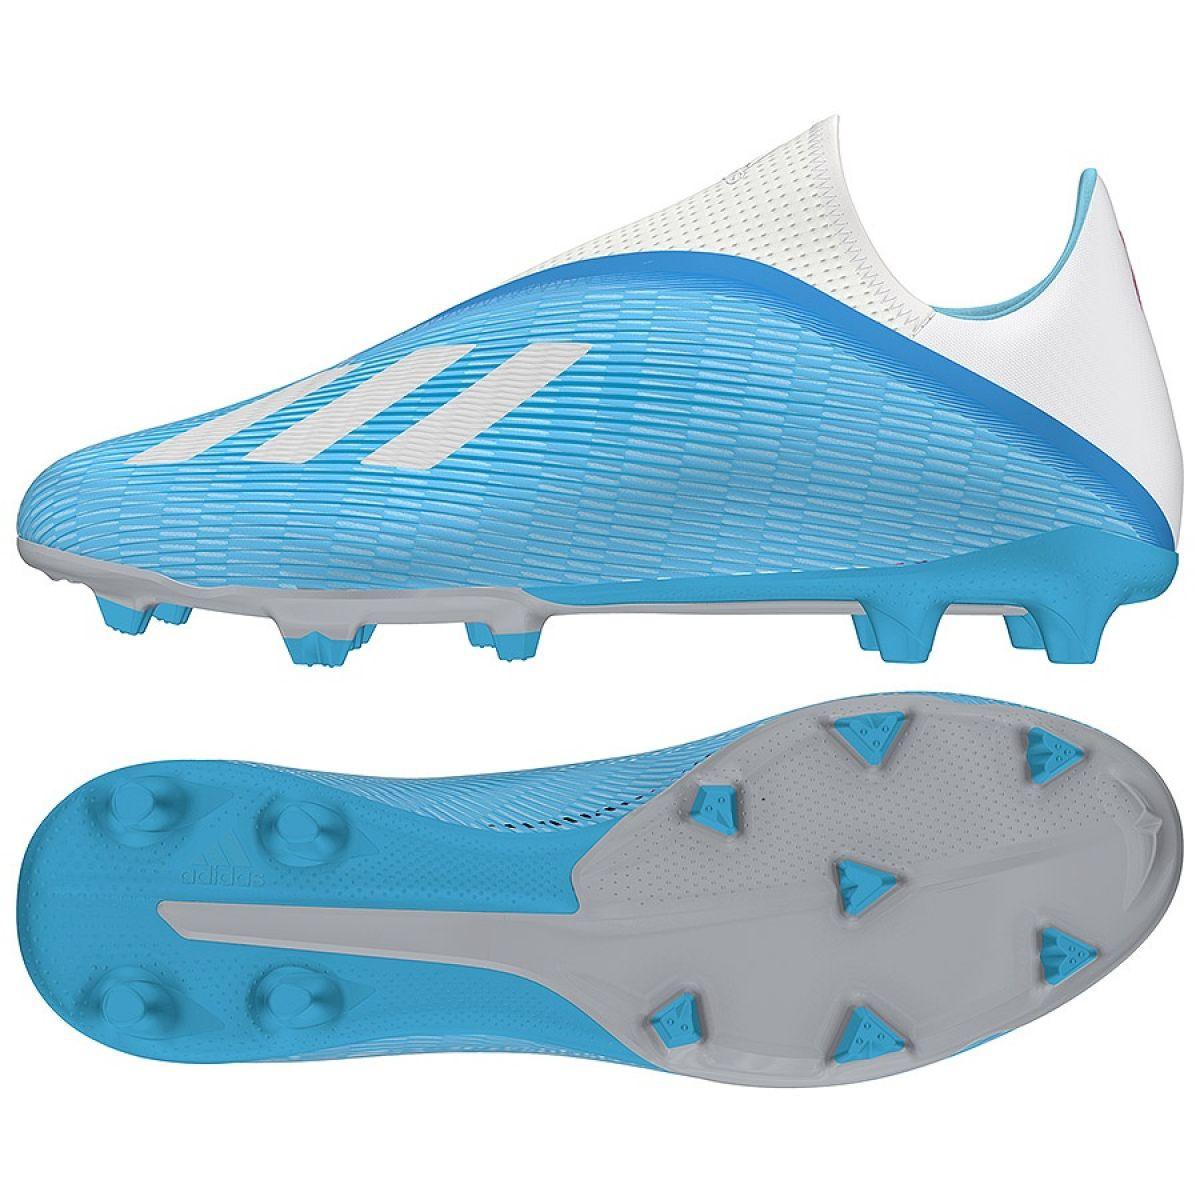 Football shoes adidas X 19.3 Ll Fg M EF0598 blue blue